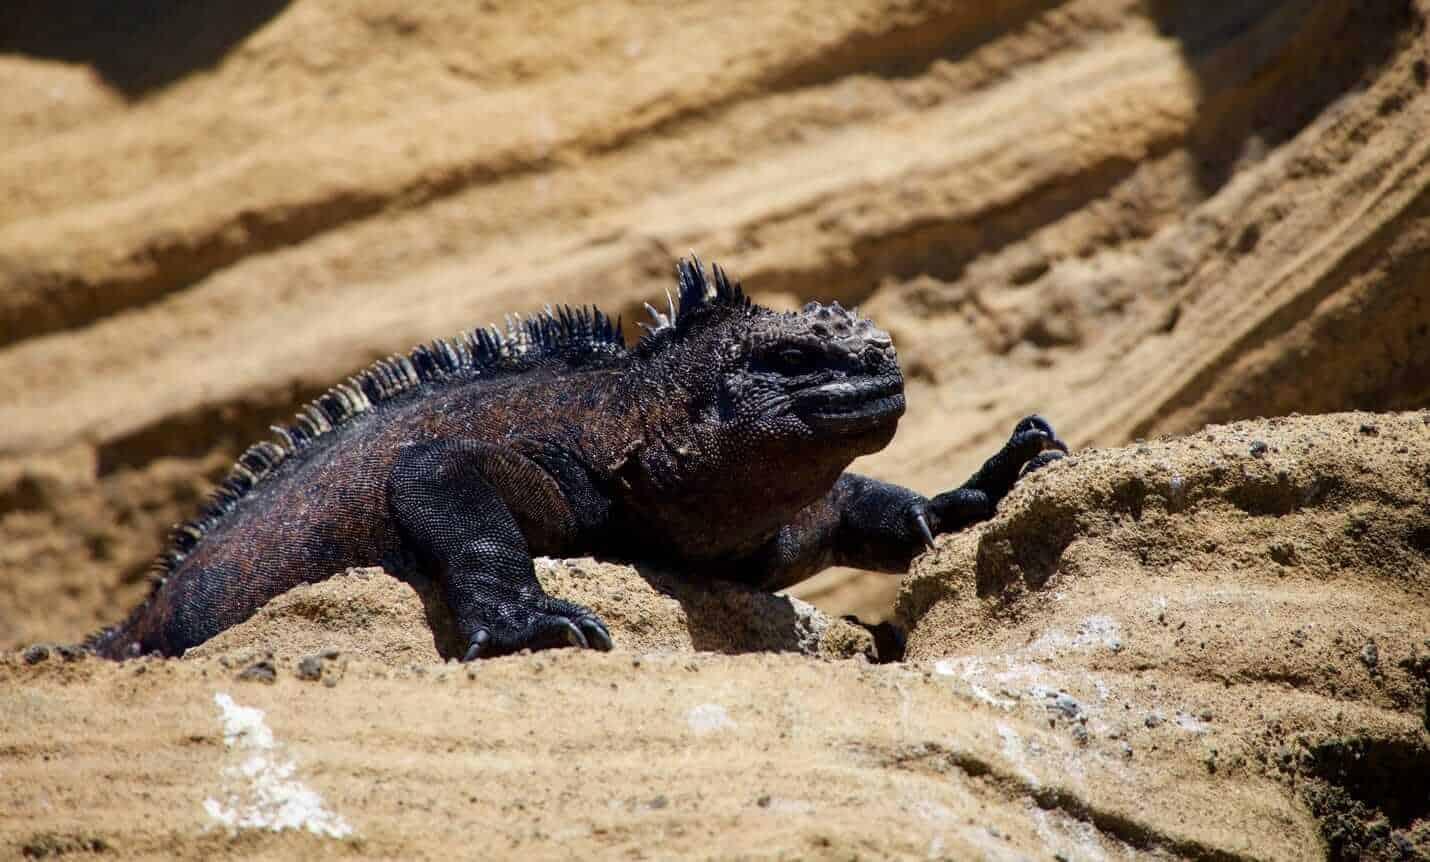 Iguana at Galapagos Islands